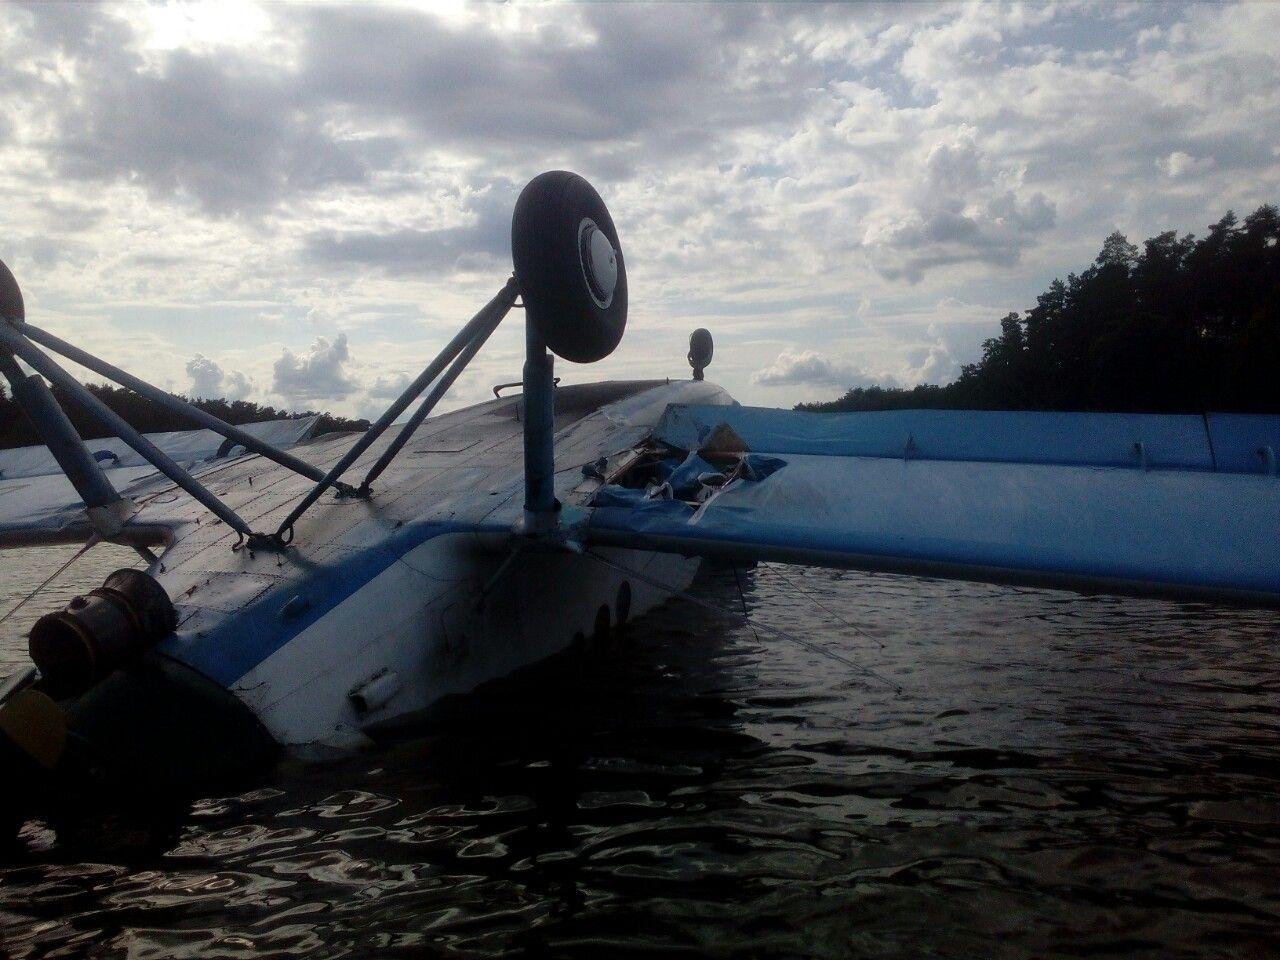 Полиция завела дело из-за аварийной посадки самолета в озеро в Киеве